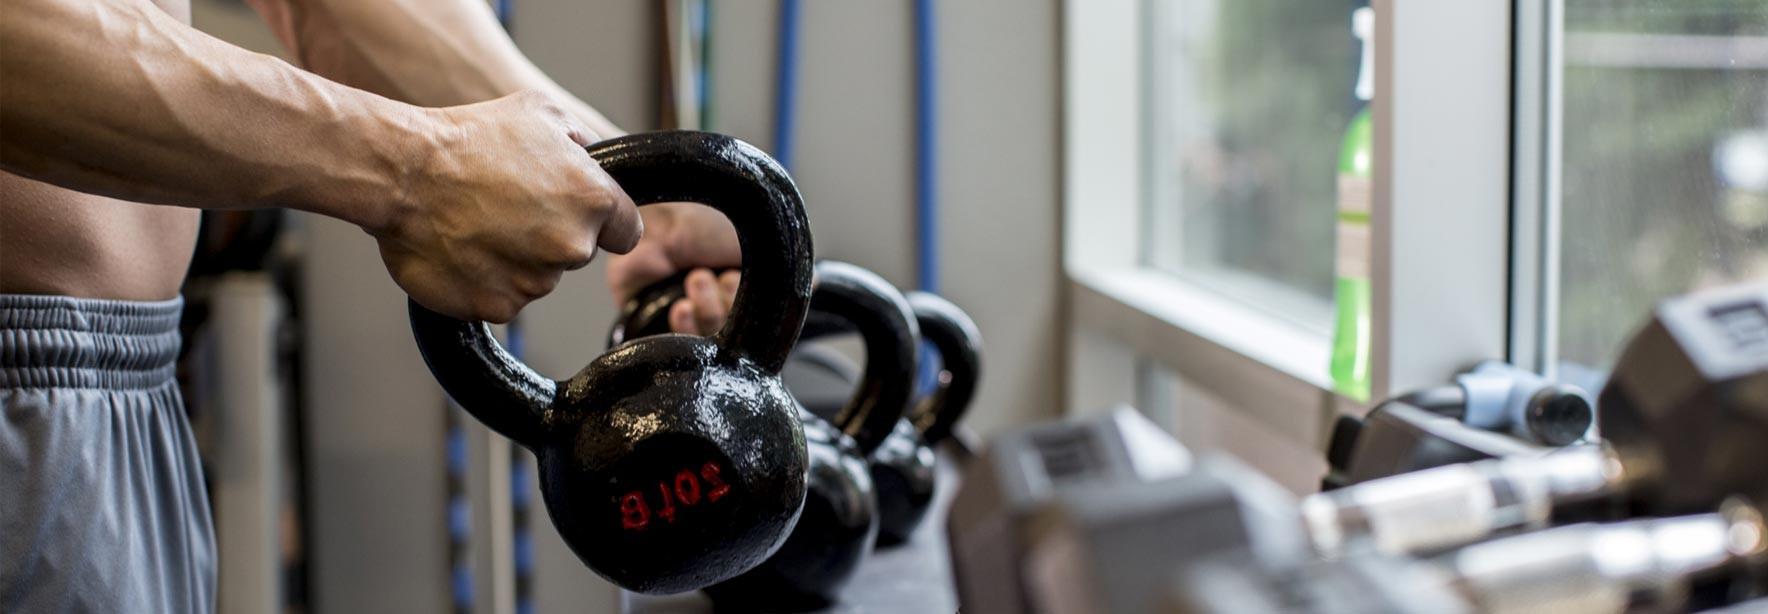 15-Minute Complex Workout: Kettlebell Hell